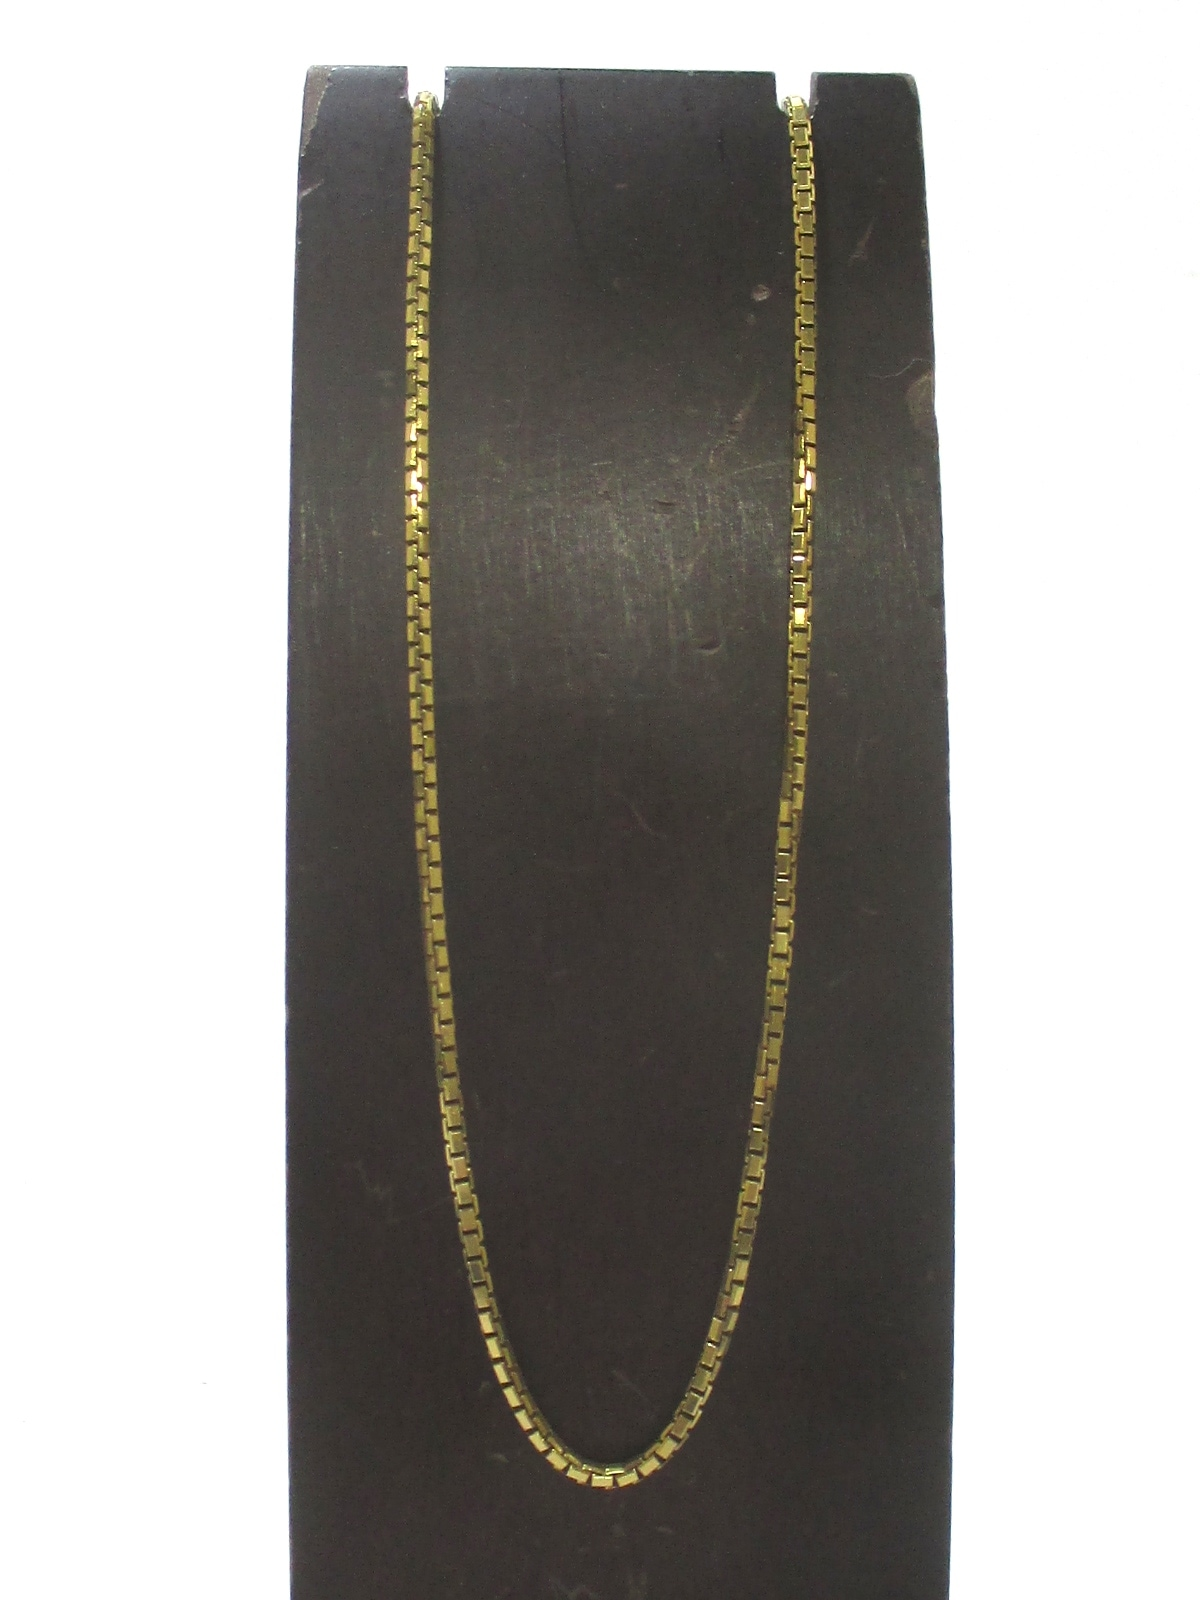 Balestra(バレステラ)のネックレス